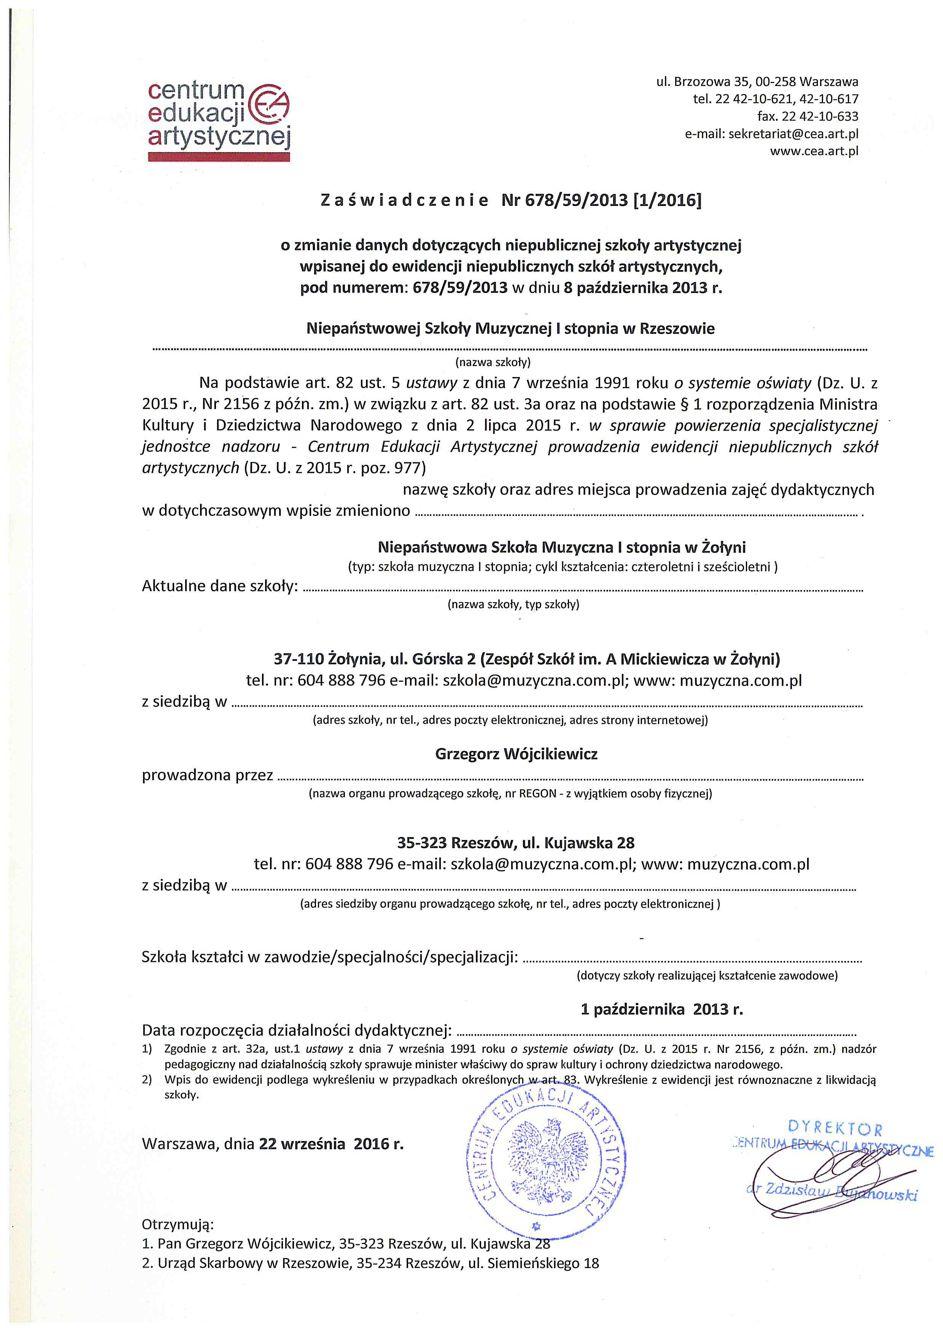 Zaświadczenie o wpisie do ewidencji szkół - NSM I st. w Żołyni